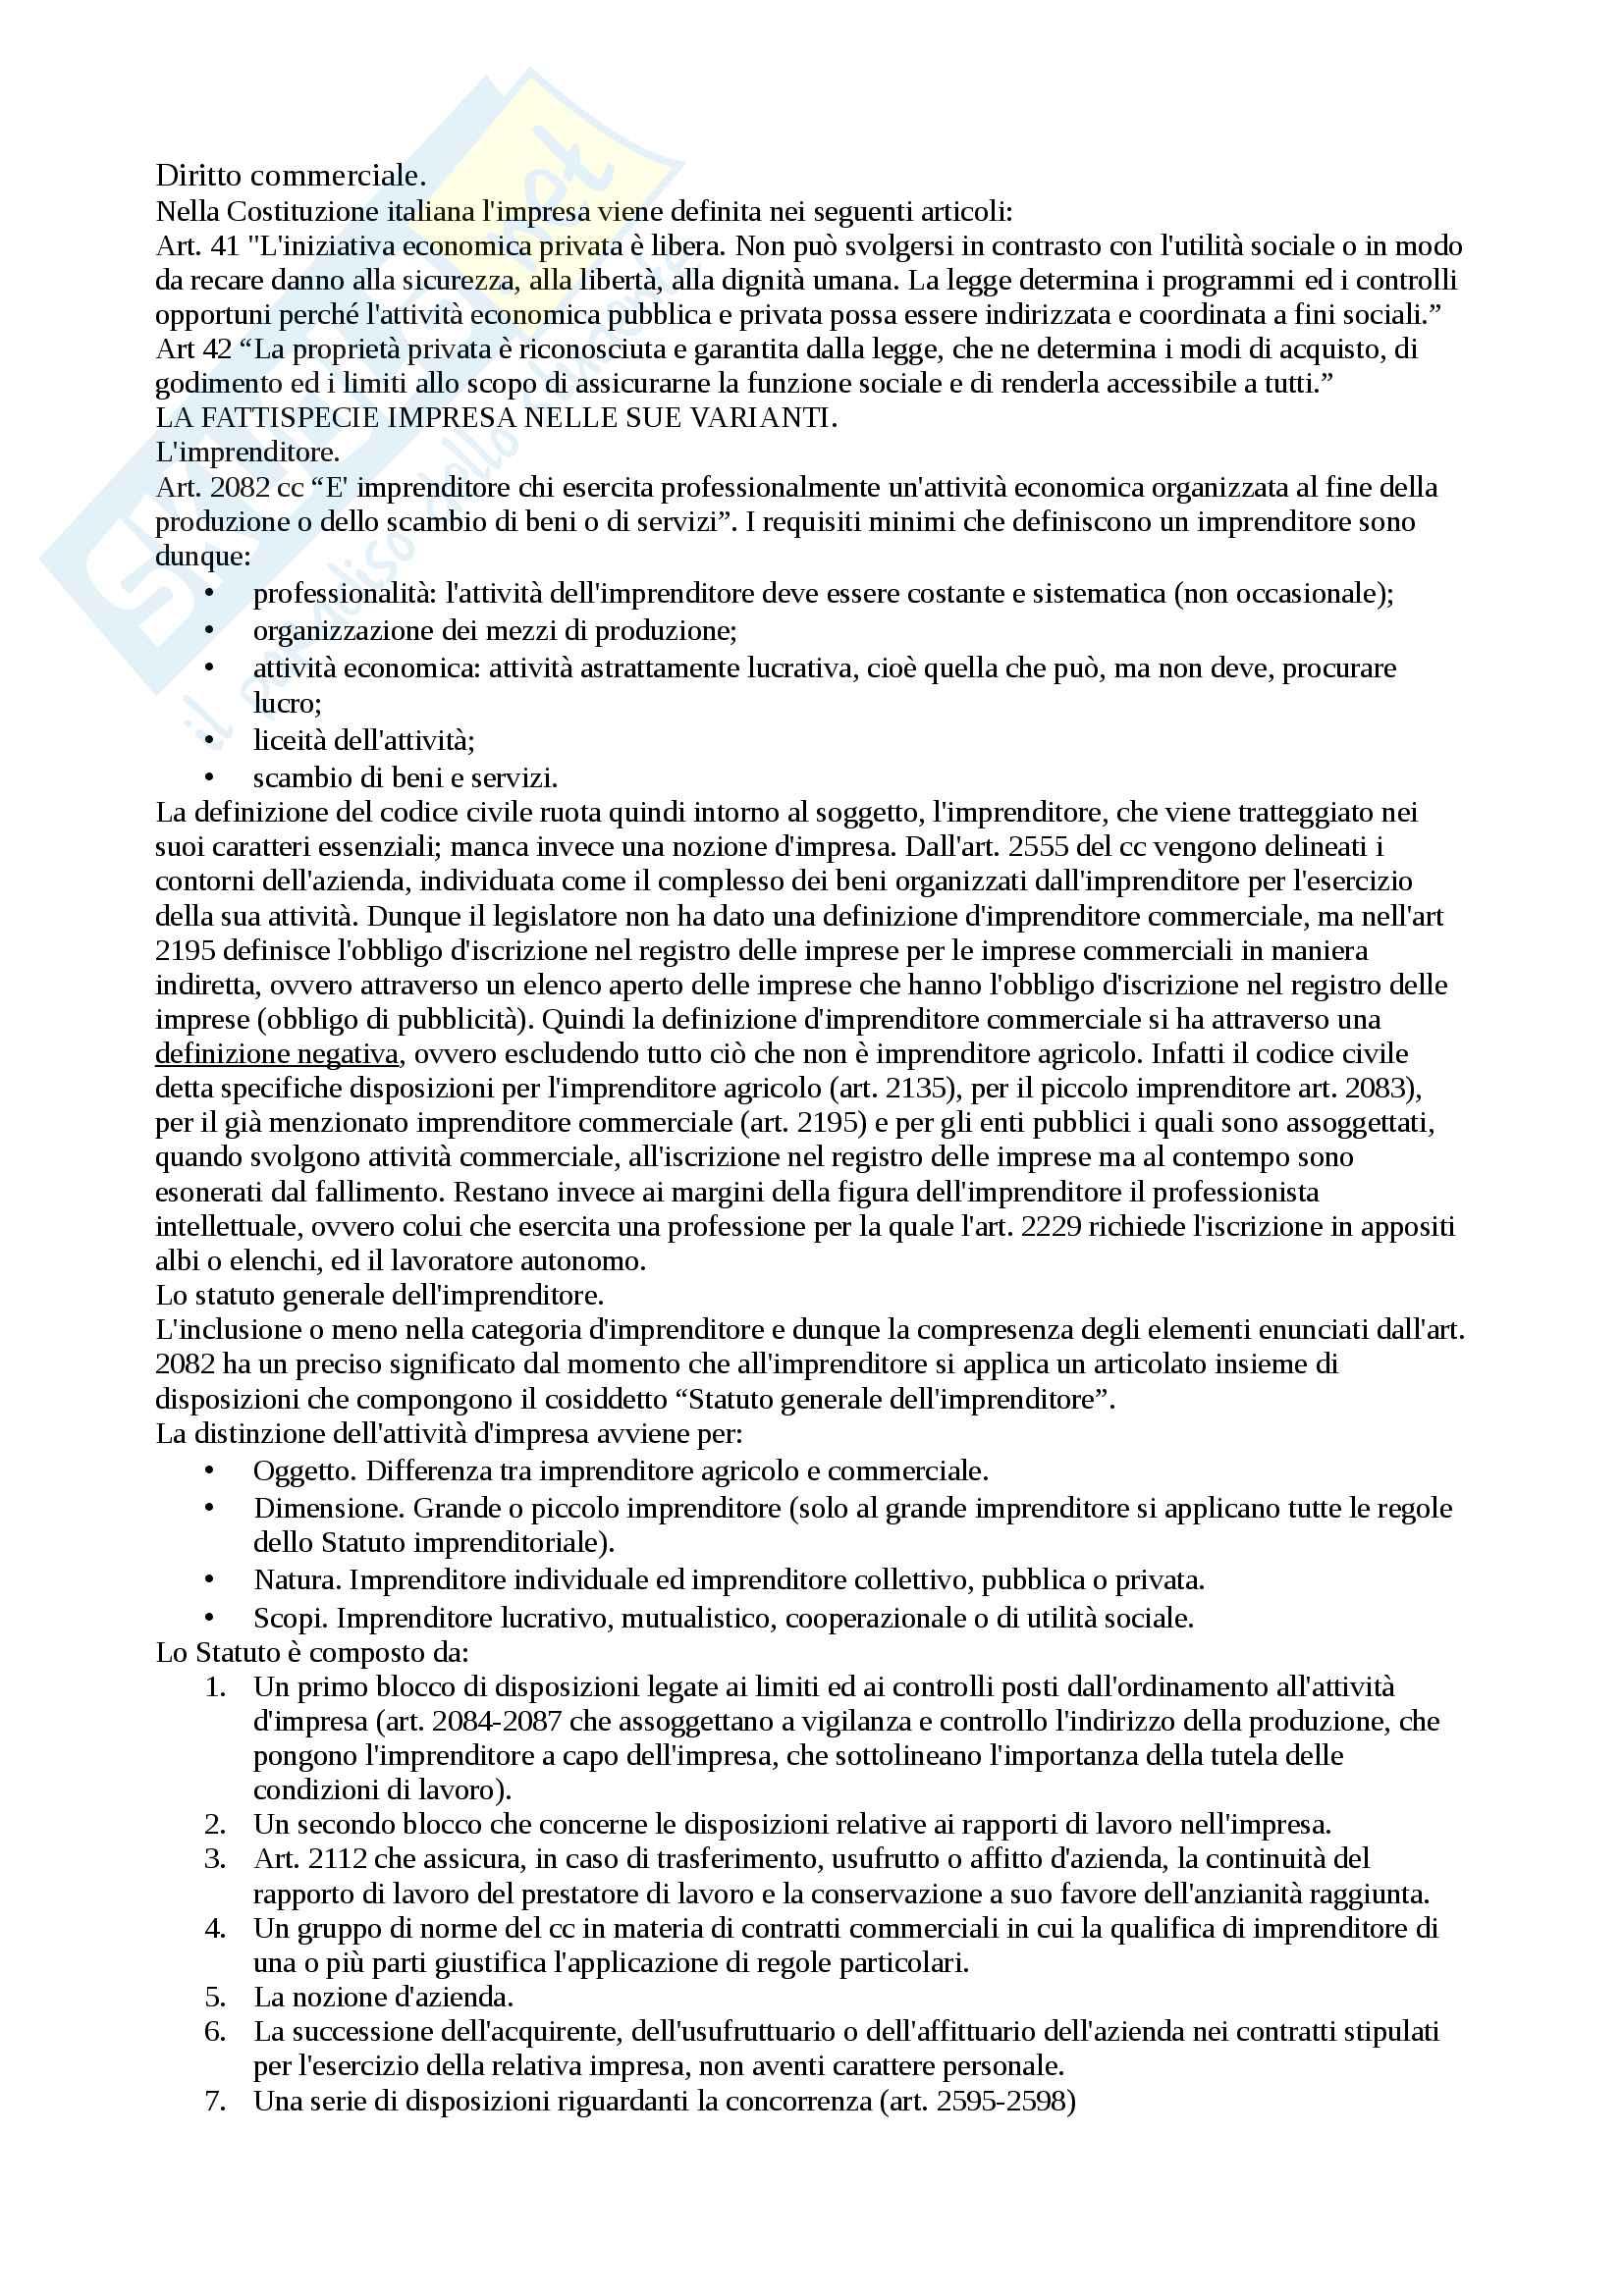 Riassunto esame Diritto commerciale, prof Aiello Marco, libro consigliato Lineamenti di diritto commerciale di Gastone Cottino